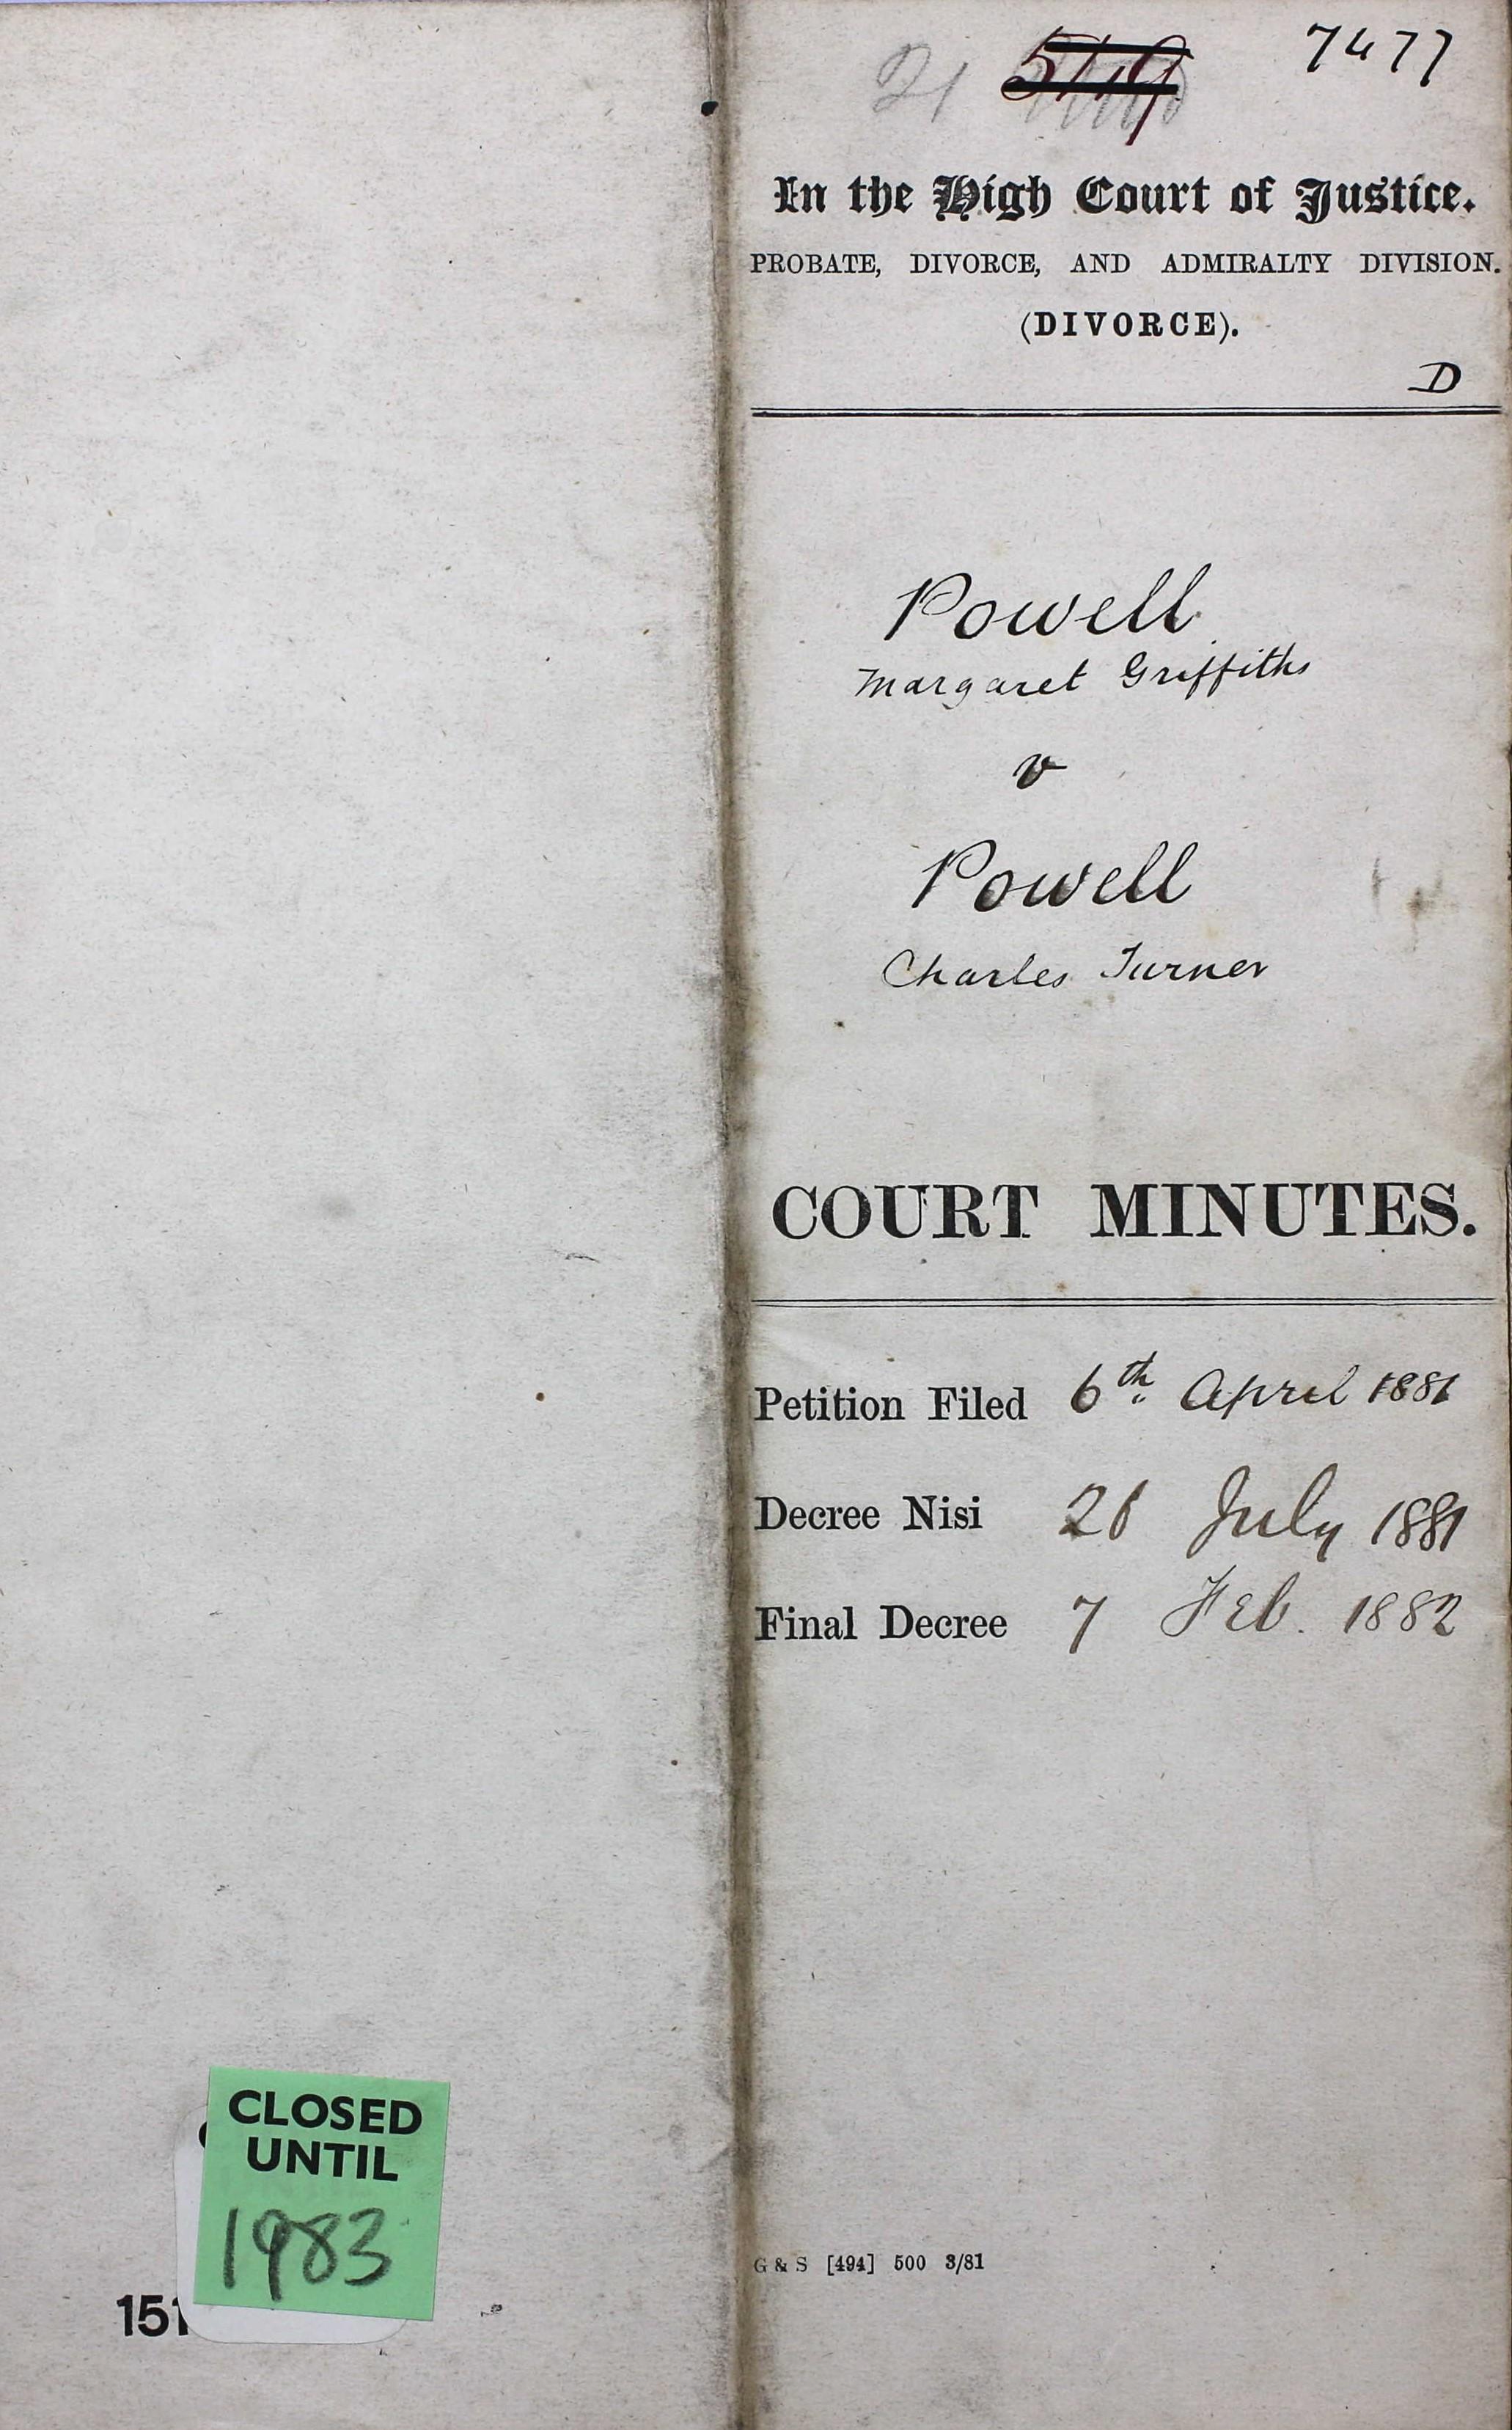 Charles Turner Powell Divorce page.jpg